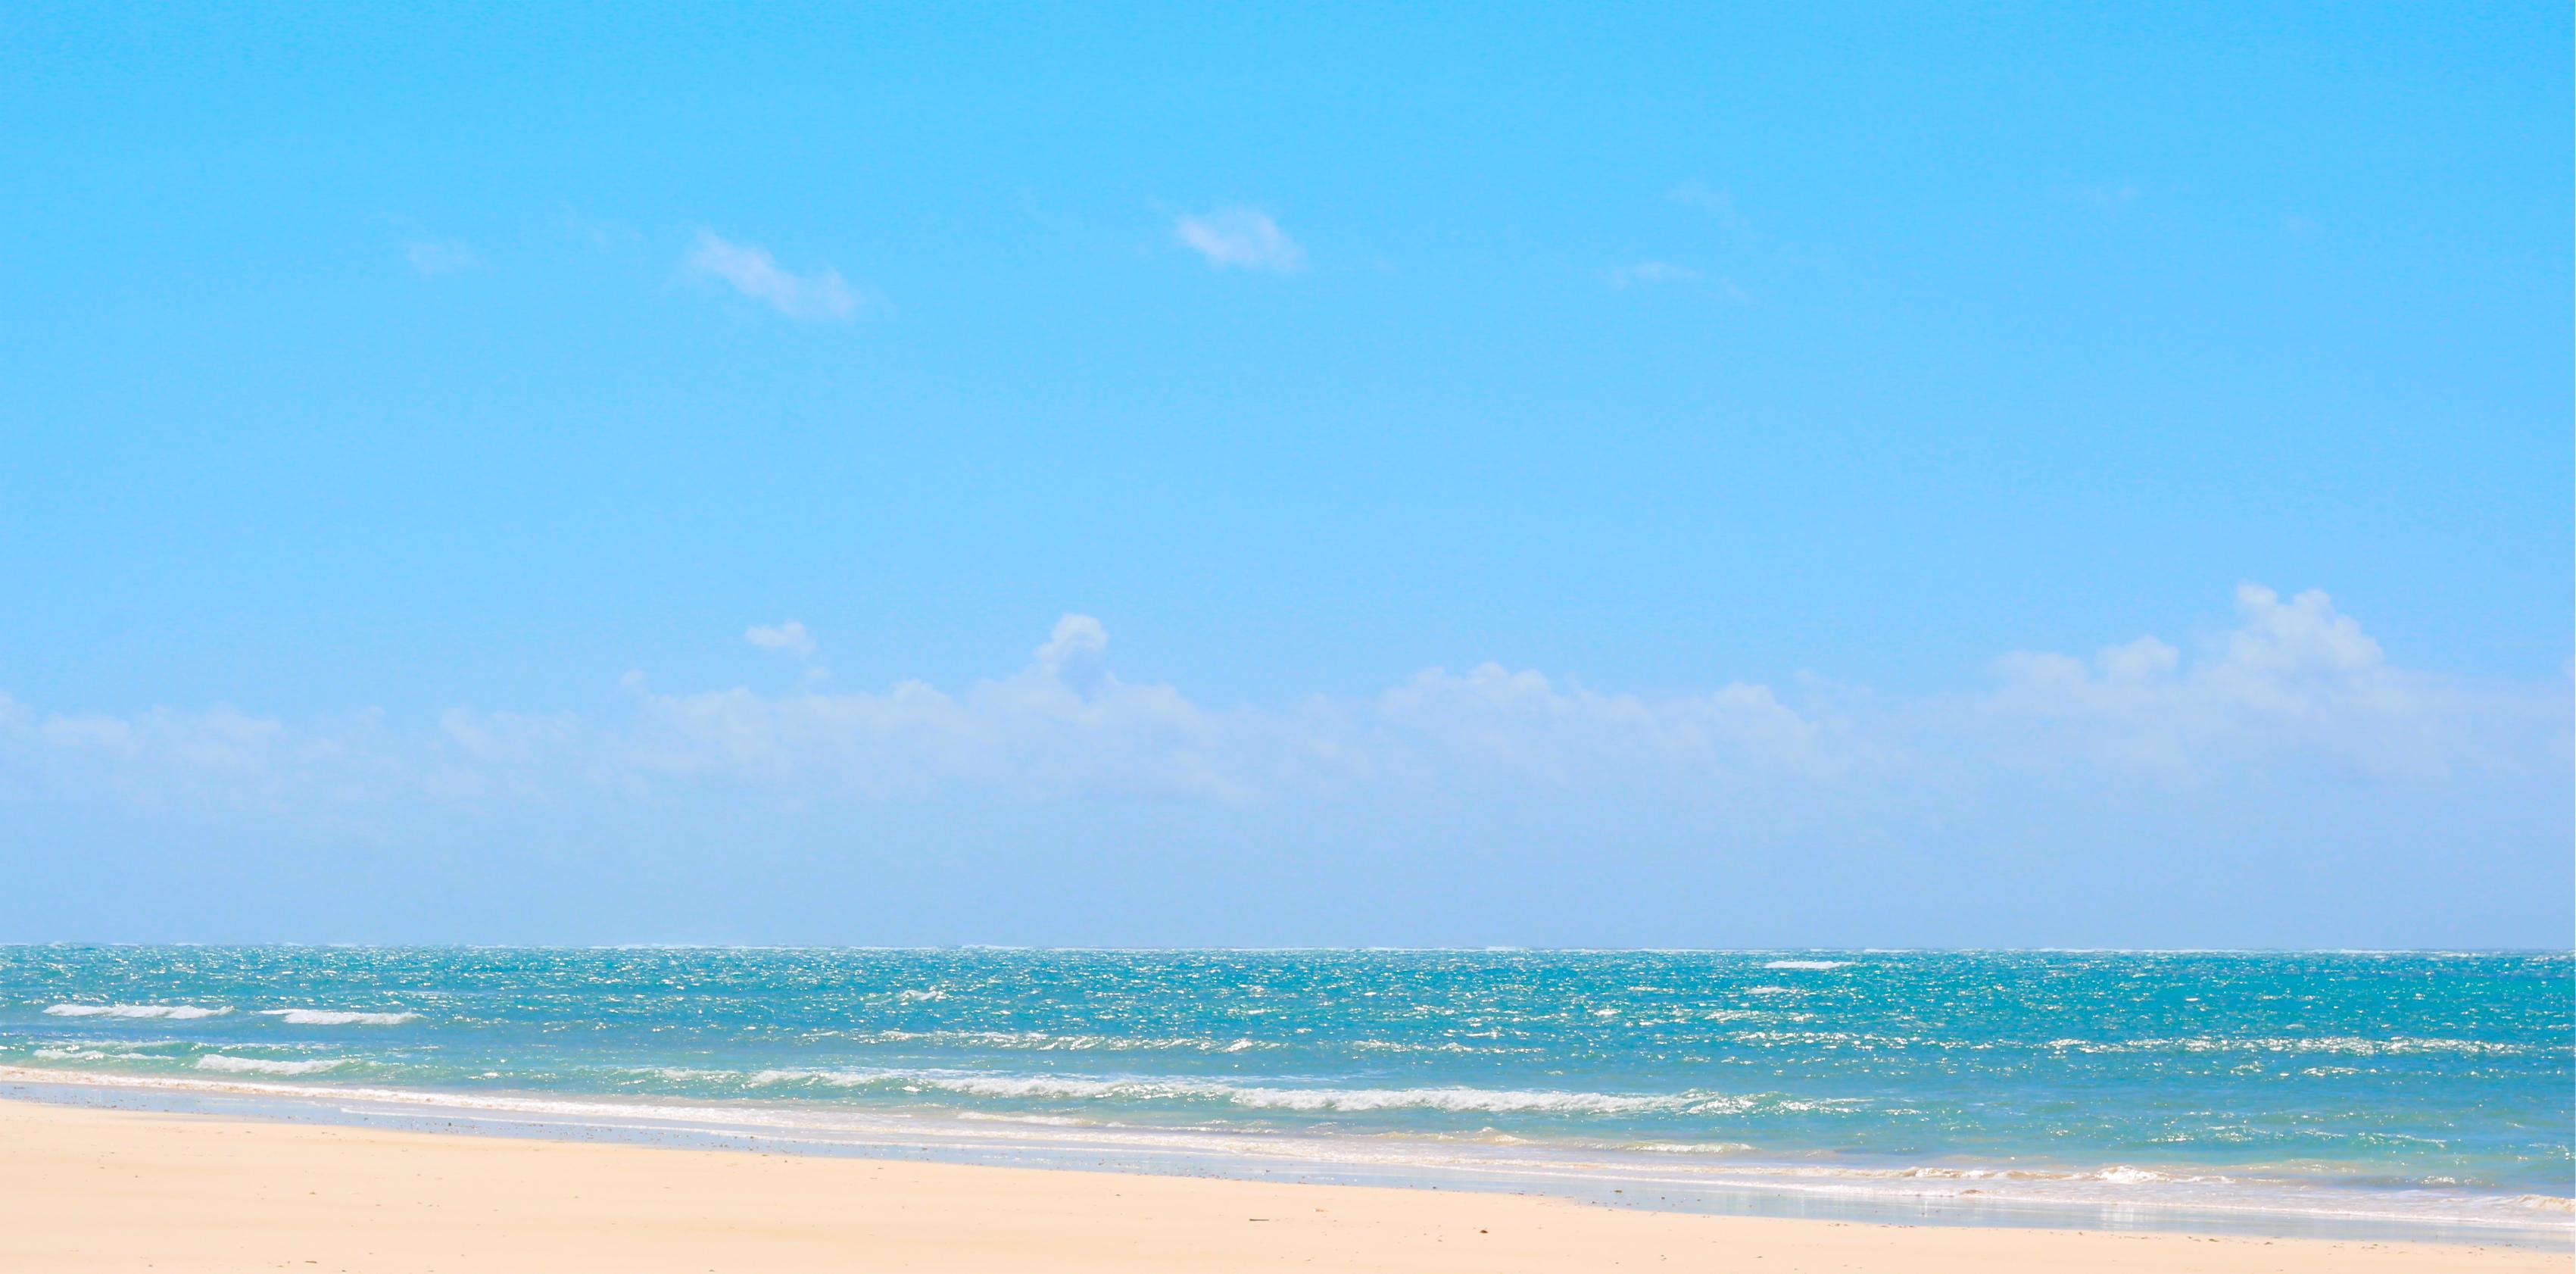 silvia njoki sea sand scrub